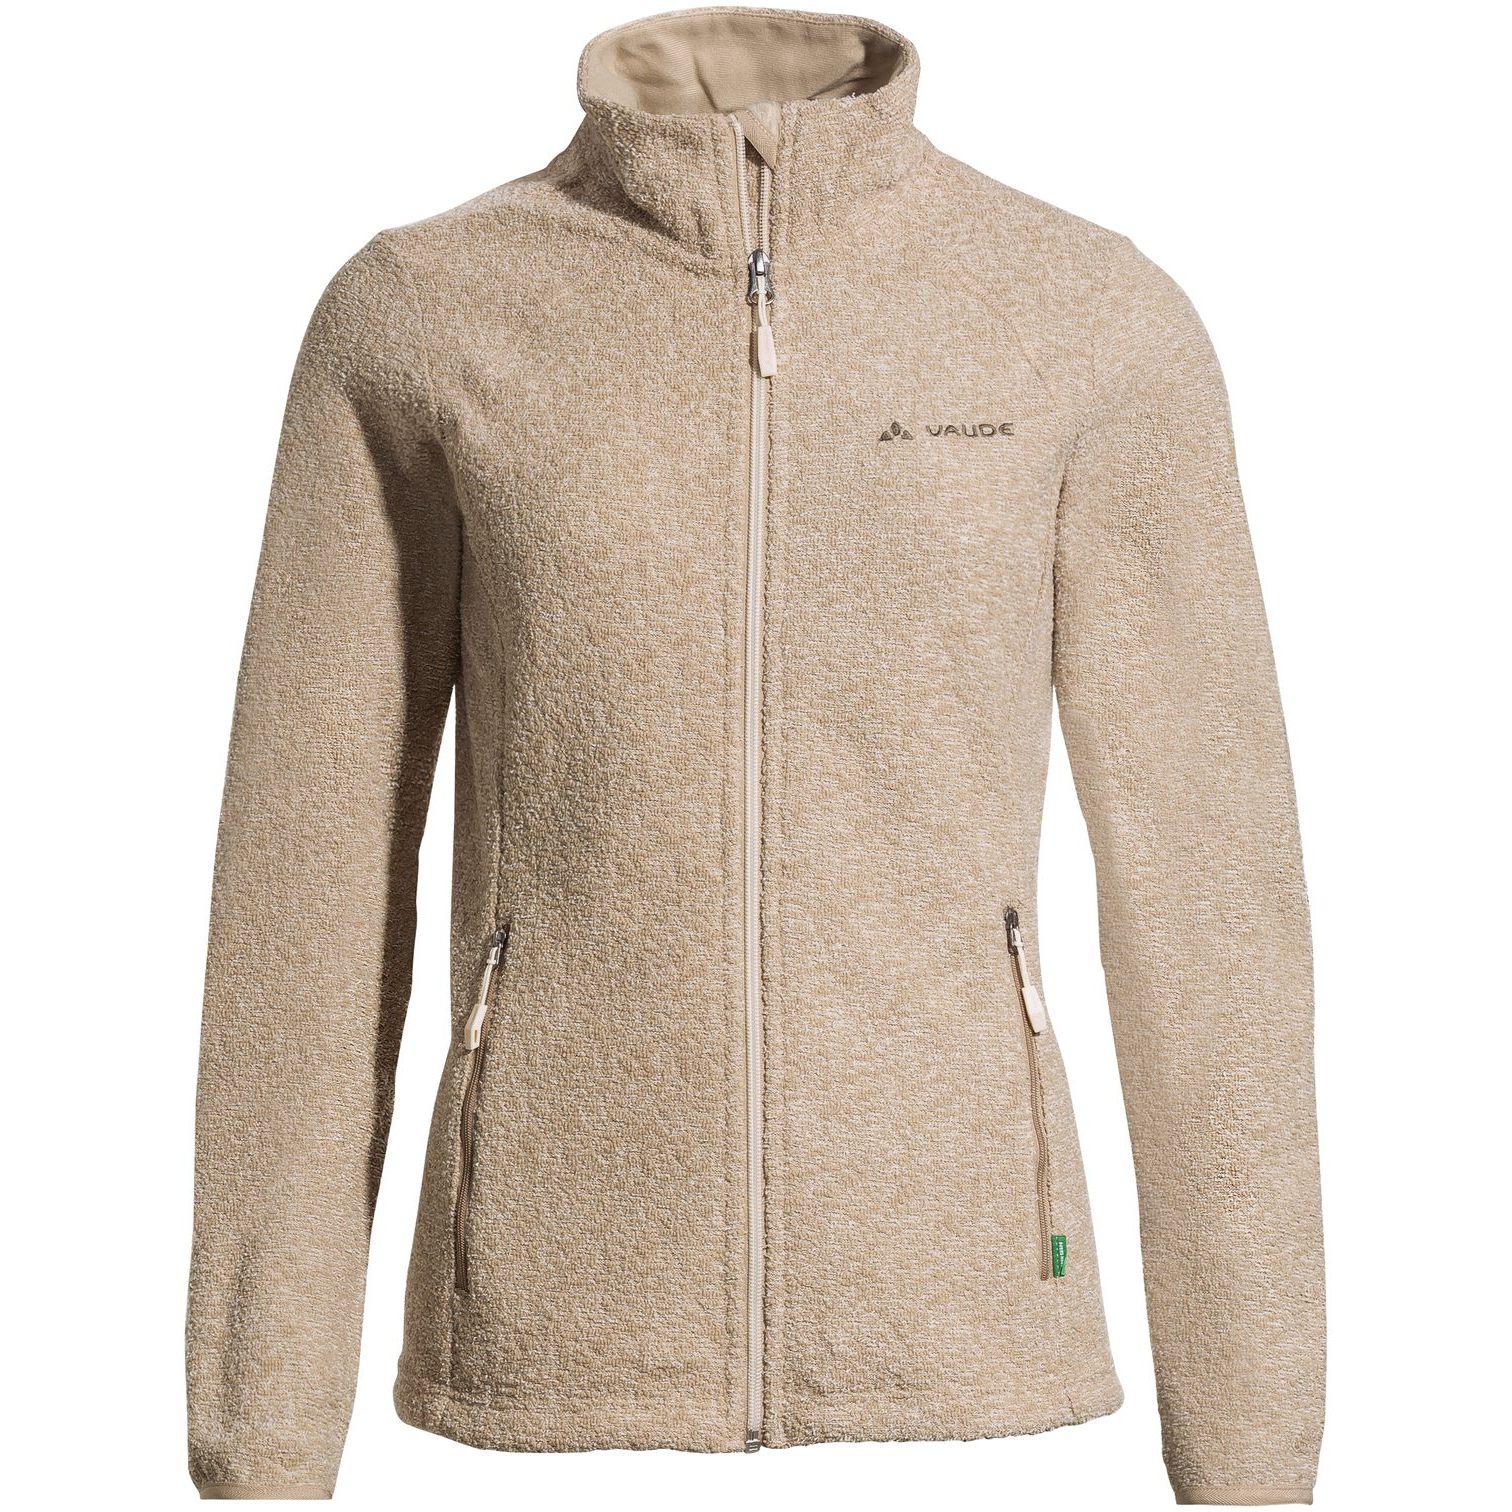 Vaude Women's Rienza Jacket III - linen